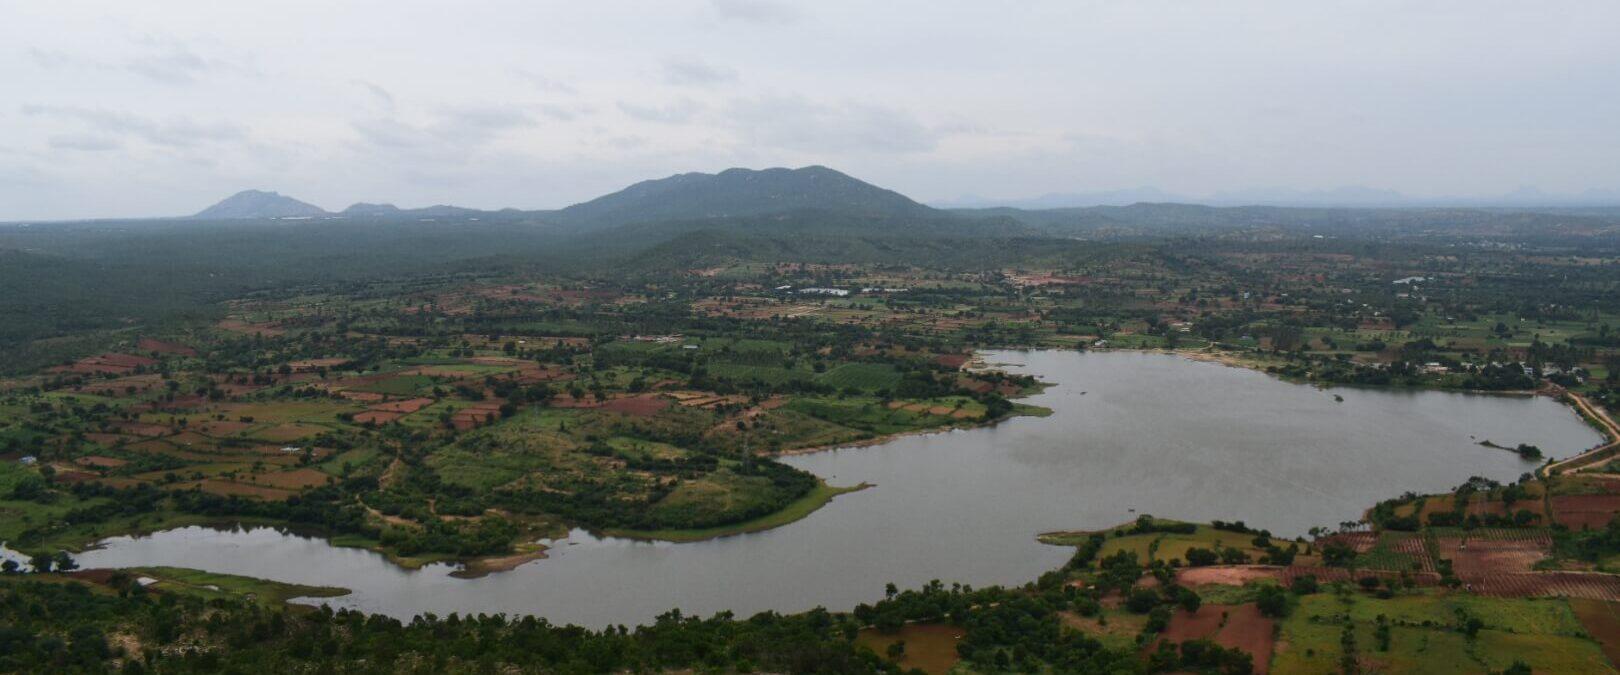 View of Gundamagere lake as seen from Makalidurga trek trail